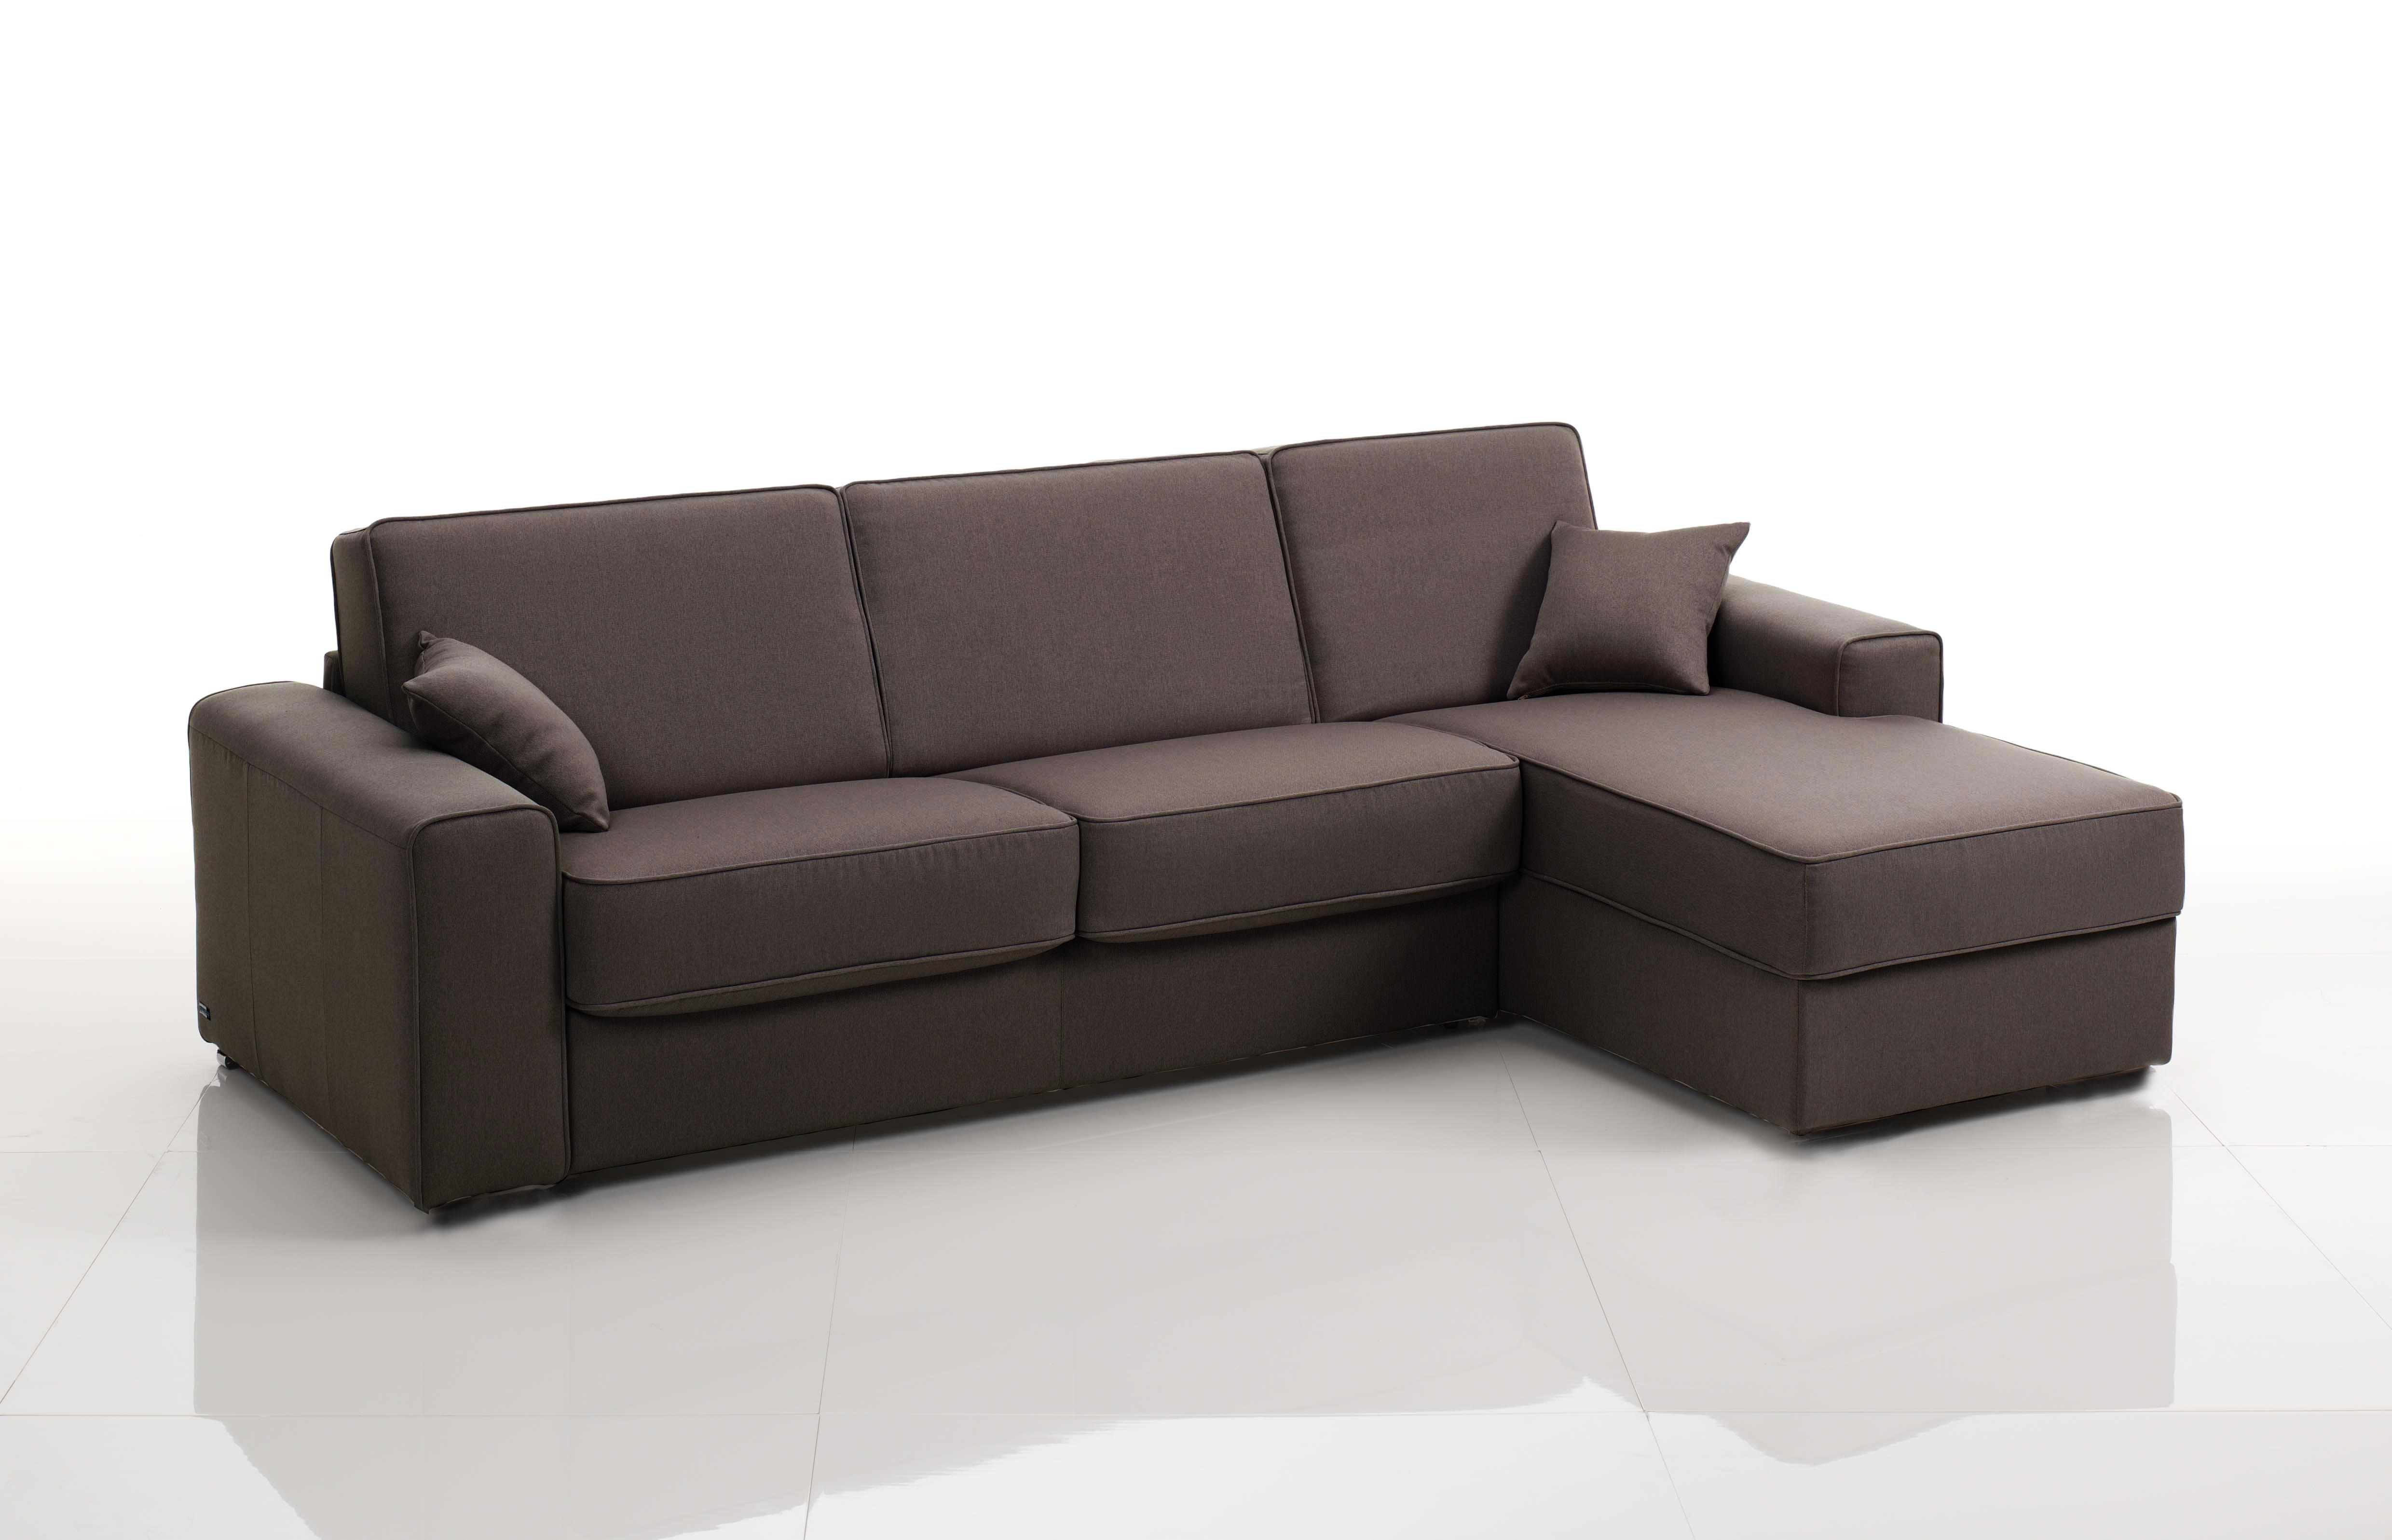 Canapé d angle Cuir marron Alpha Modéle 3 places